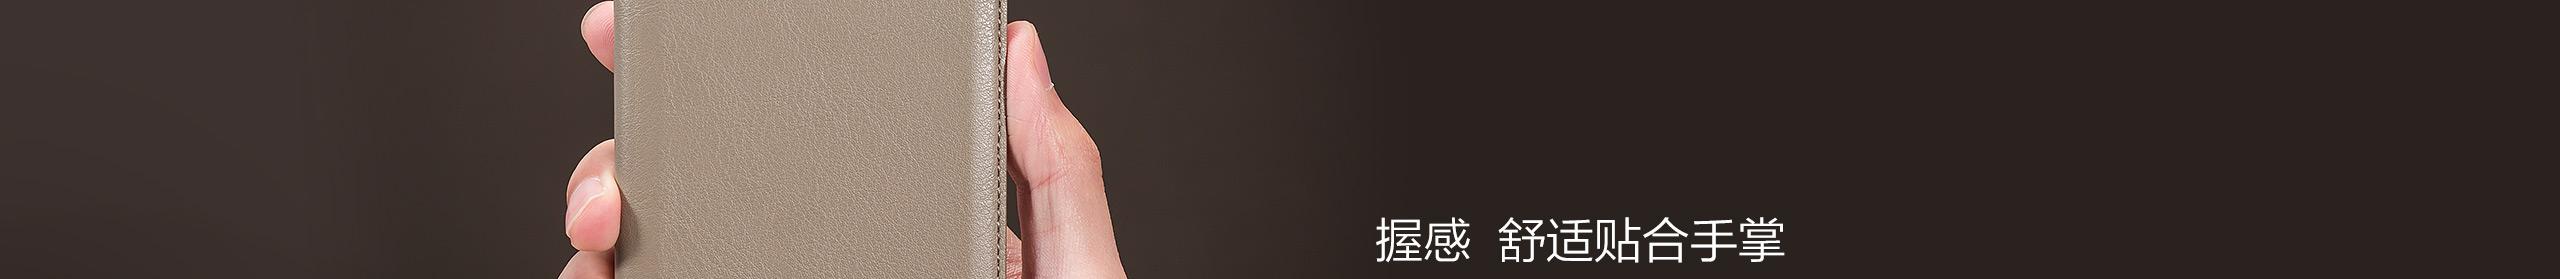 一加手机3保护套(黑色)18